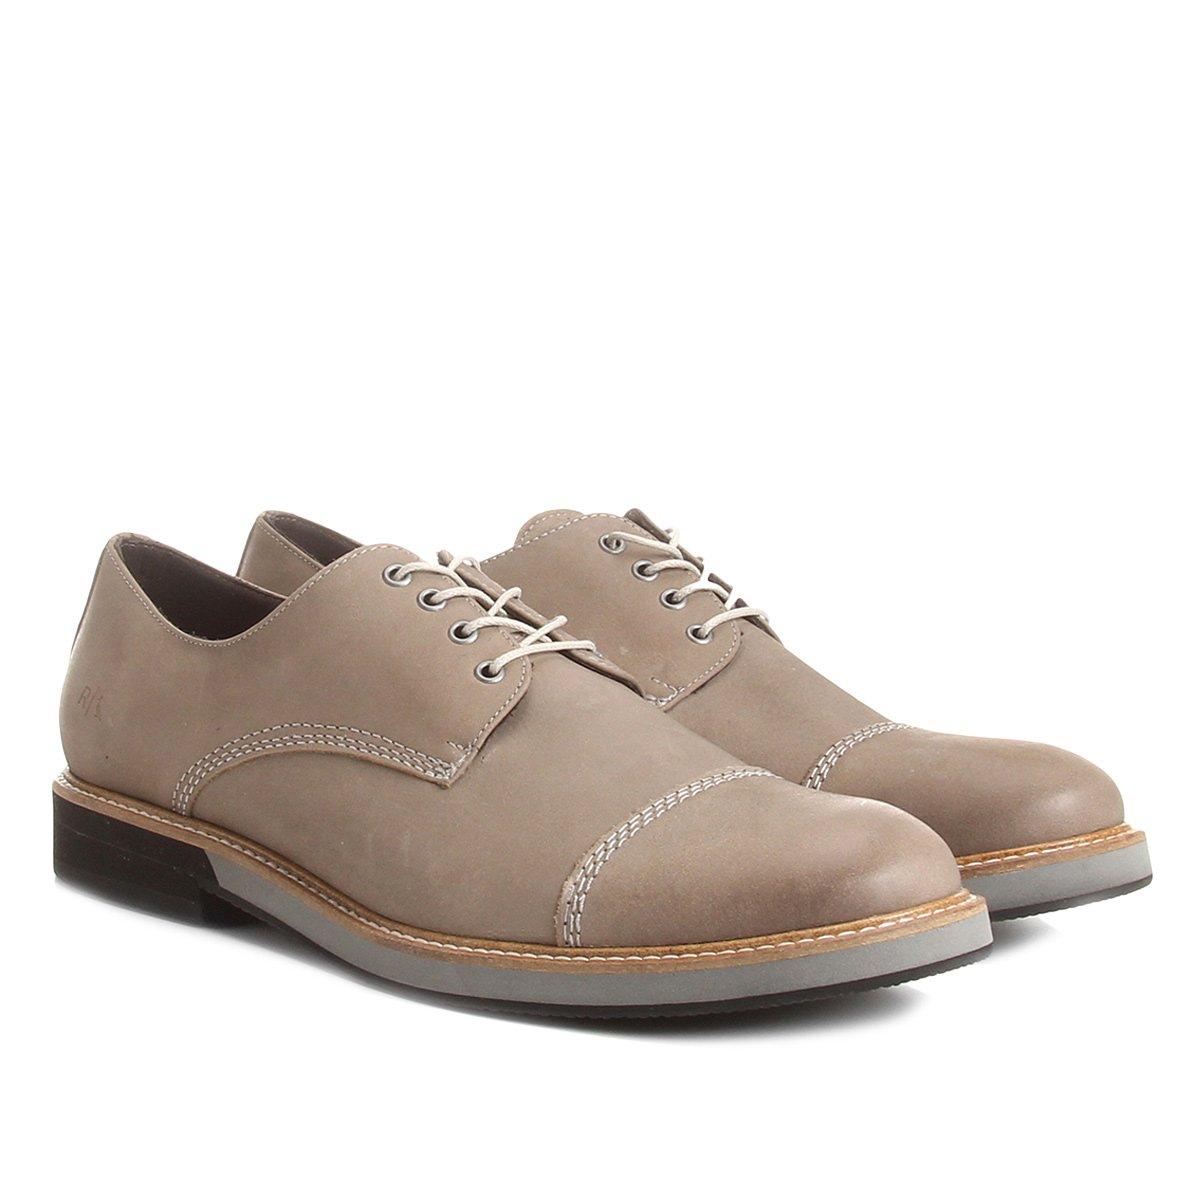 Claro Sapato Casual Sapato Casual Cinza Reserva Rick Couro wB8UR0w